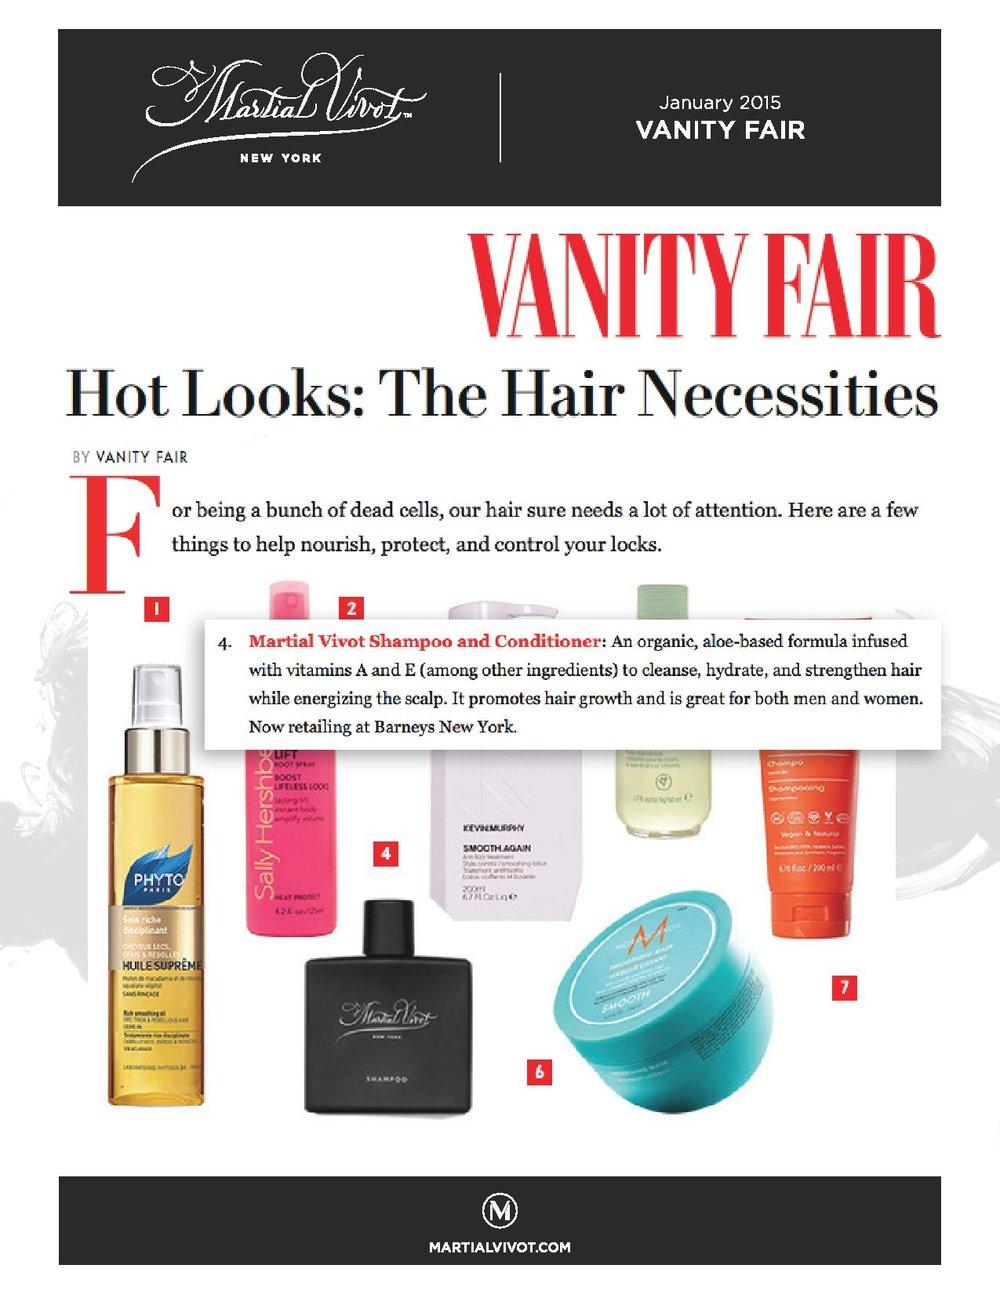 VanityFair-Jan15-page-001.jpg